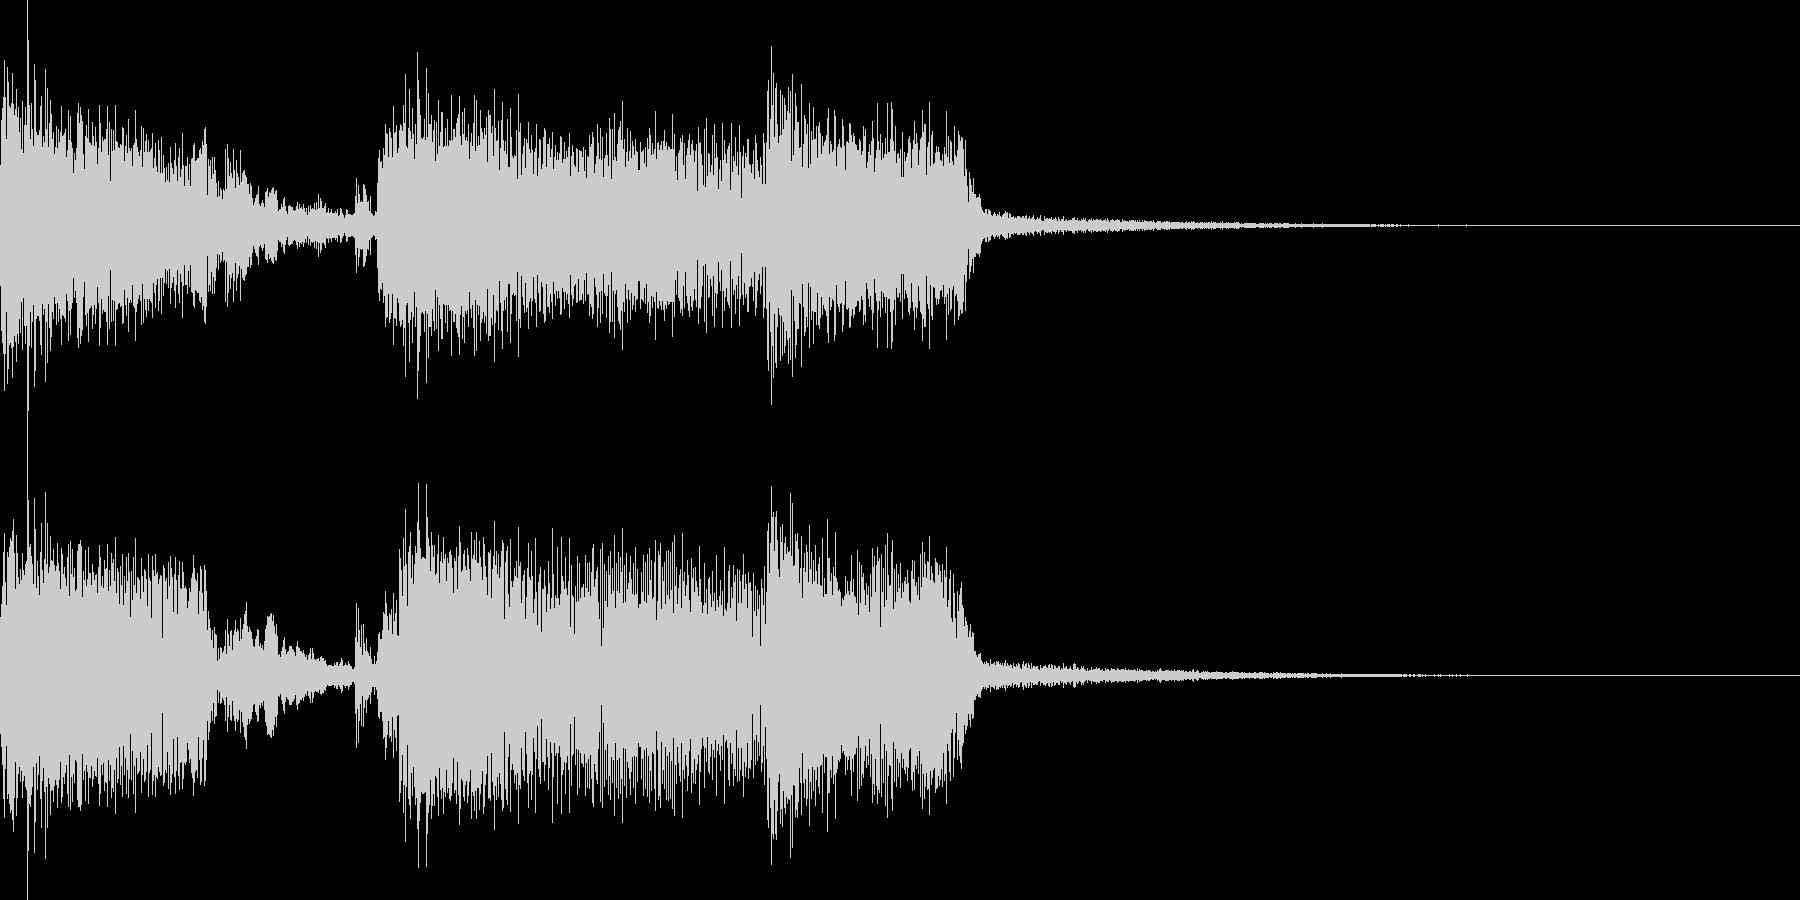 エレキギターがメインのロック系ジングルの未再生の波形